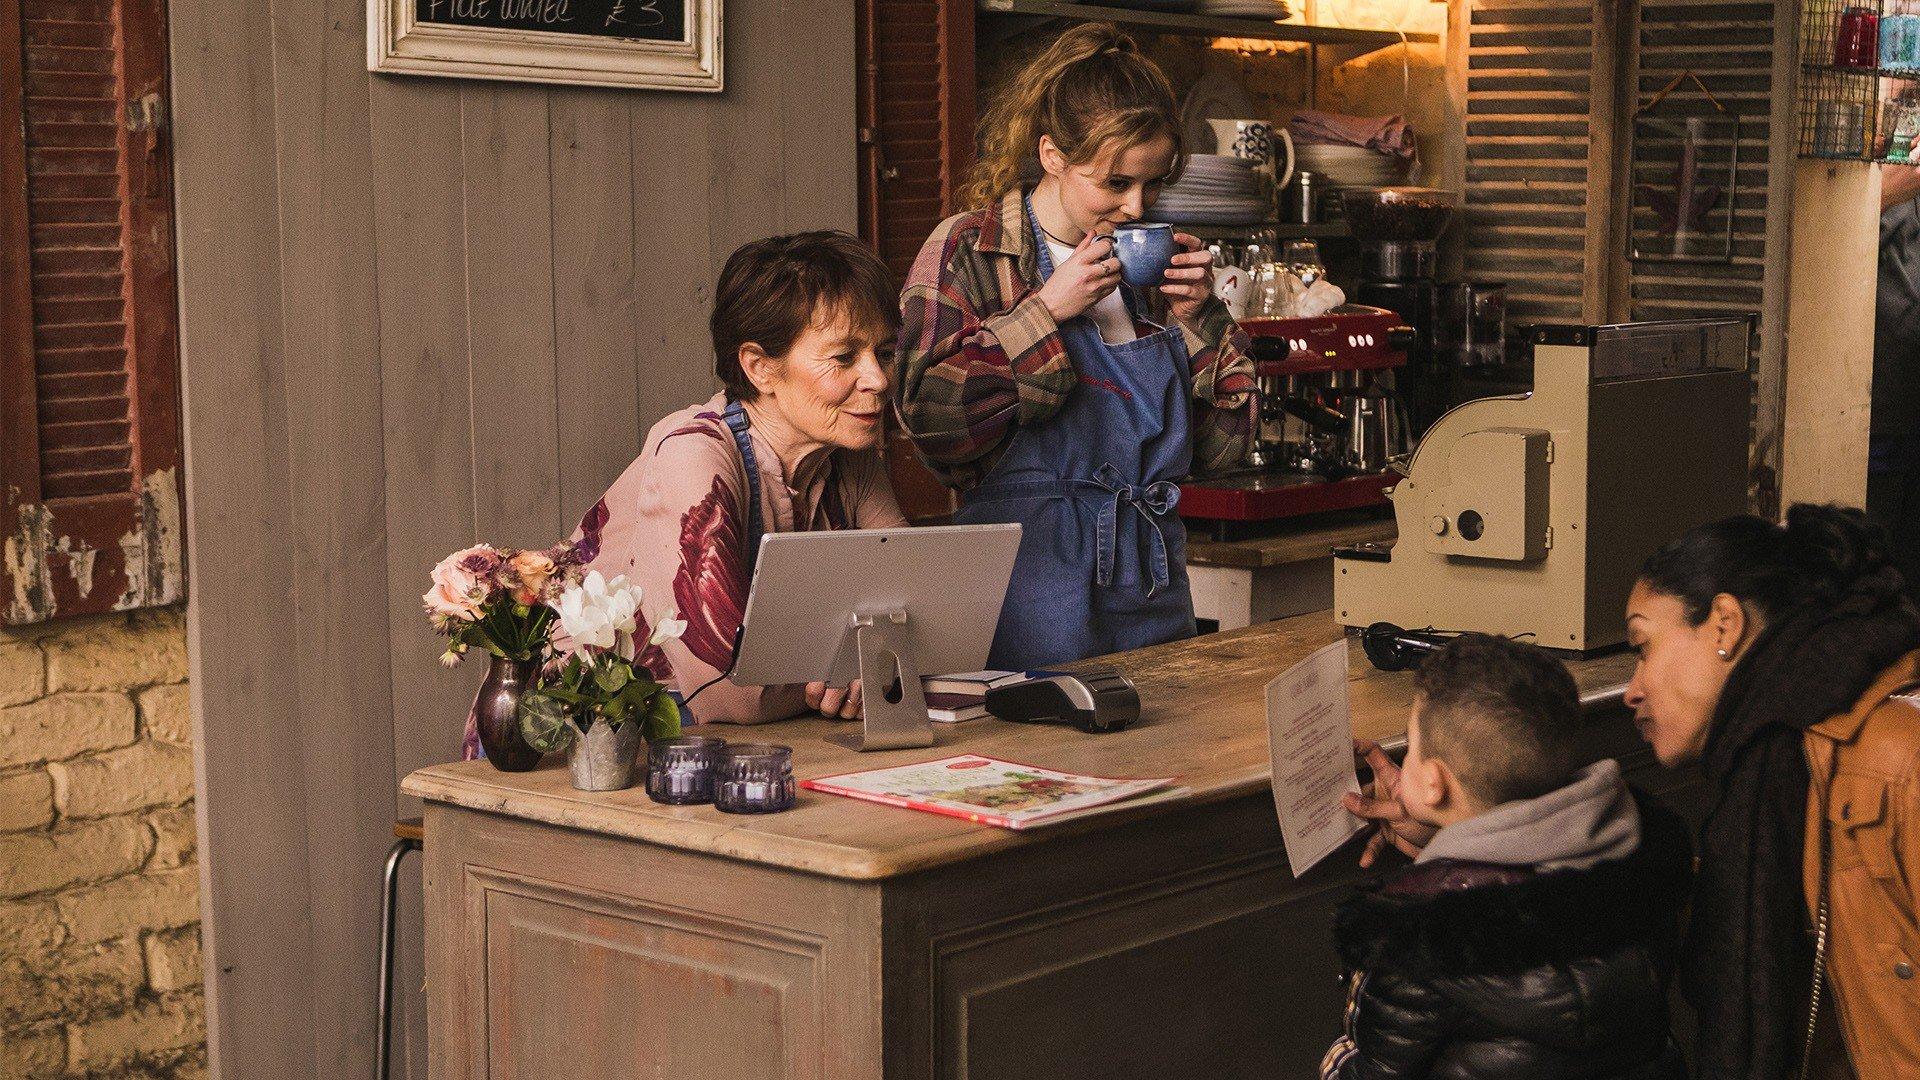 Film Seekers seals EFM deals on UK baking film 'Love Sarah'